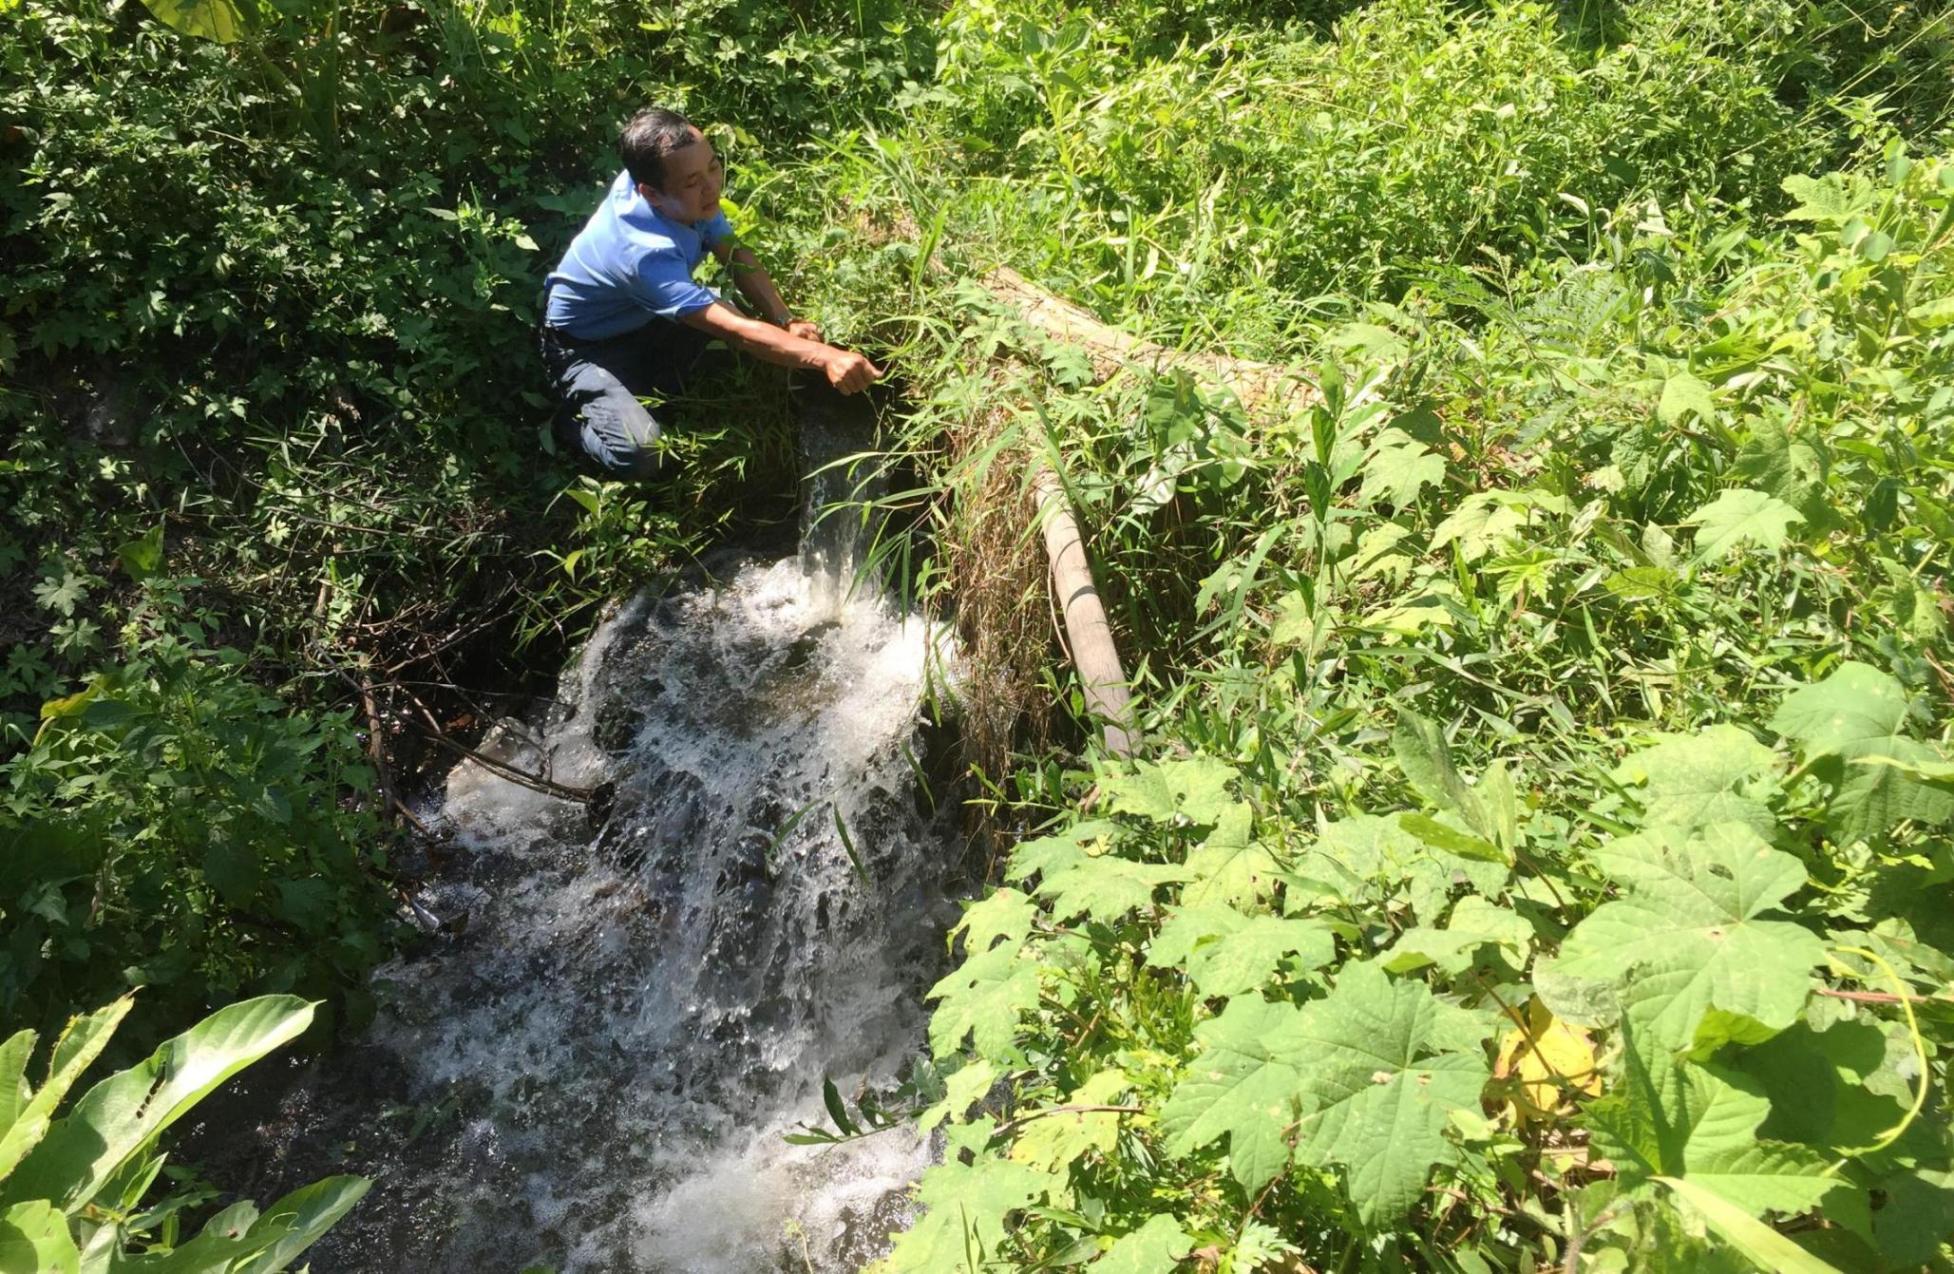 Dù lượng nước hiện tại ở các hồ đang ổn định nhưng vẫn gặp khó khăn khi trong công tác cung ứng nước tưới. Ảnh: PHAN VINHNhiều điểm trên đoạn kênh chính bị đục khoét khá to với đường kích gần 20cm.